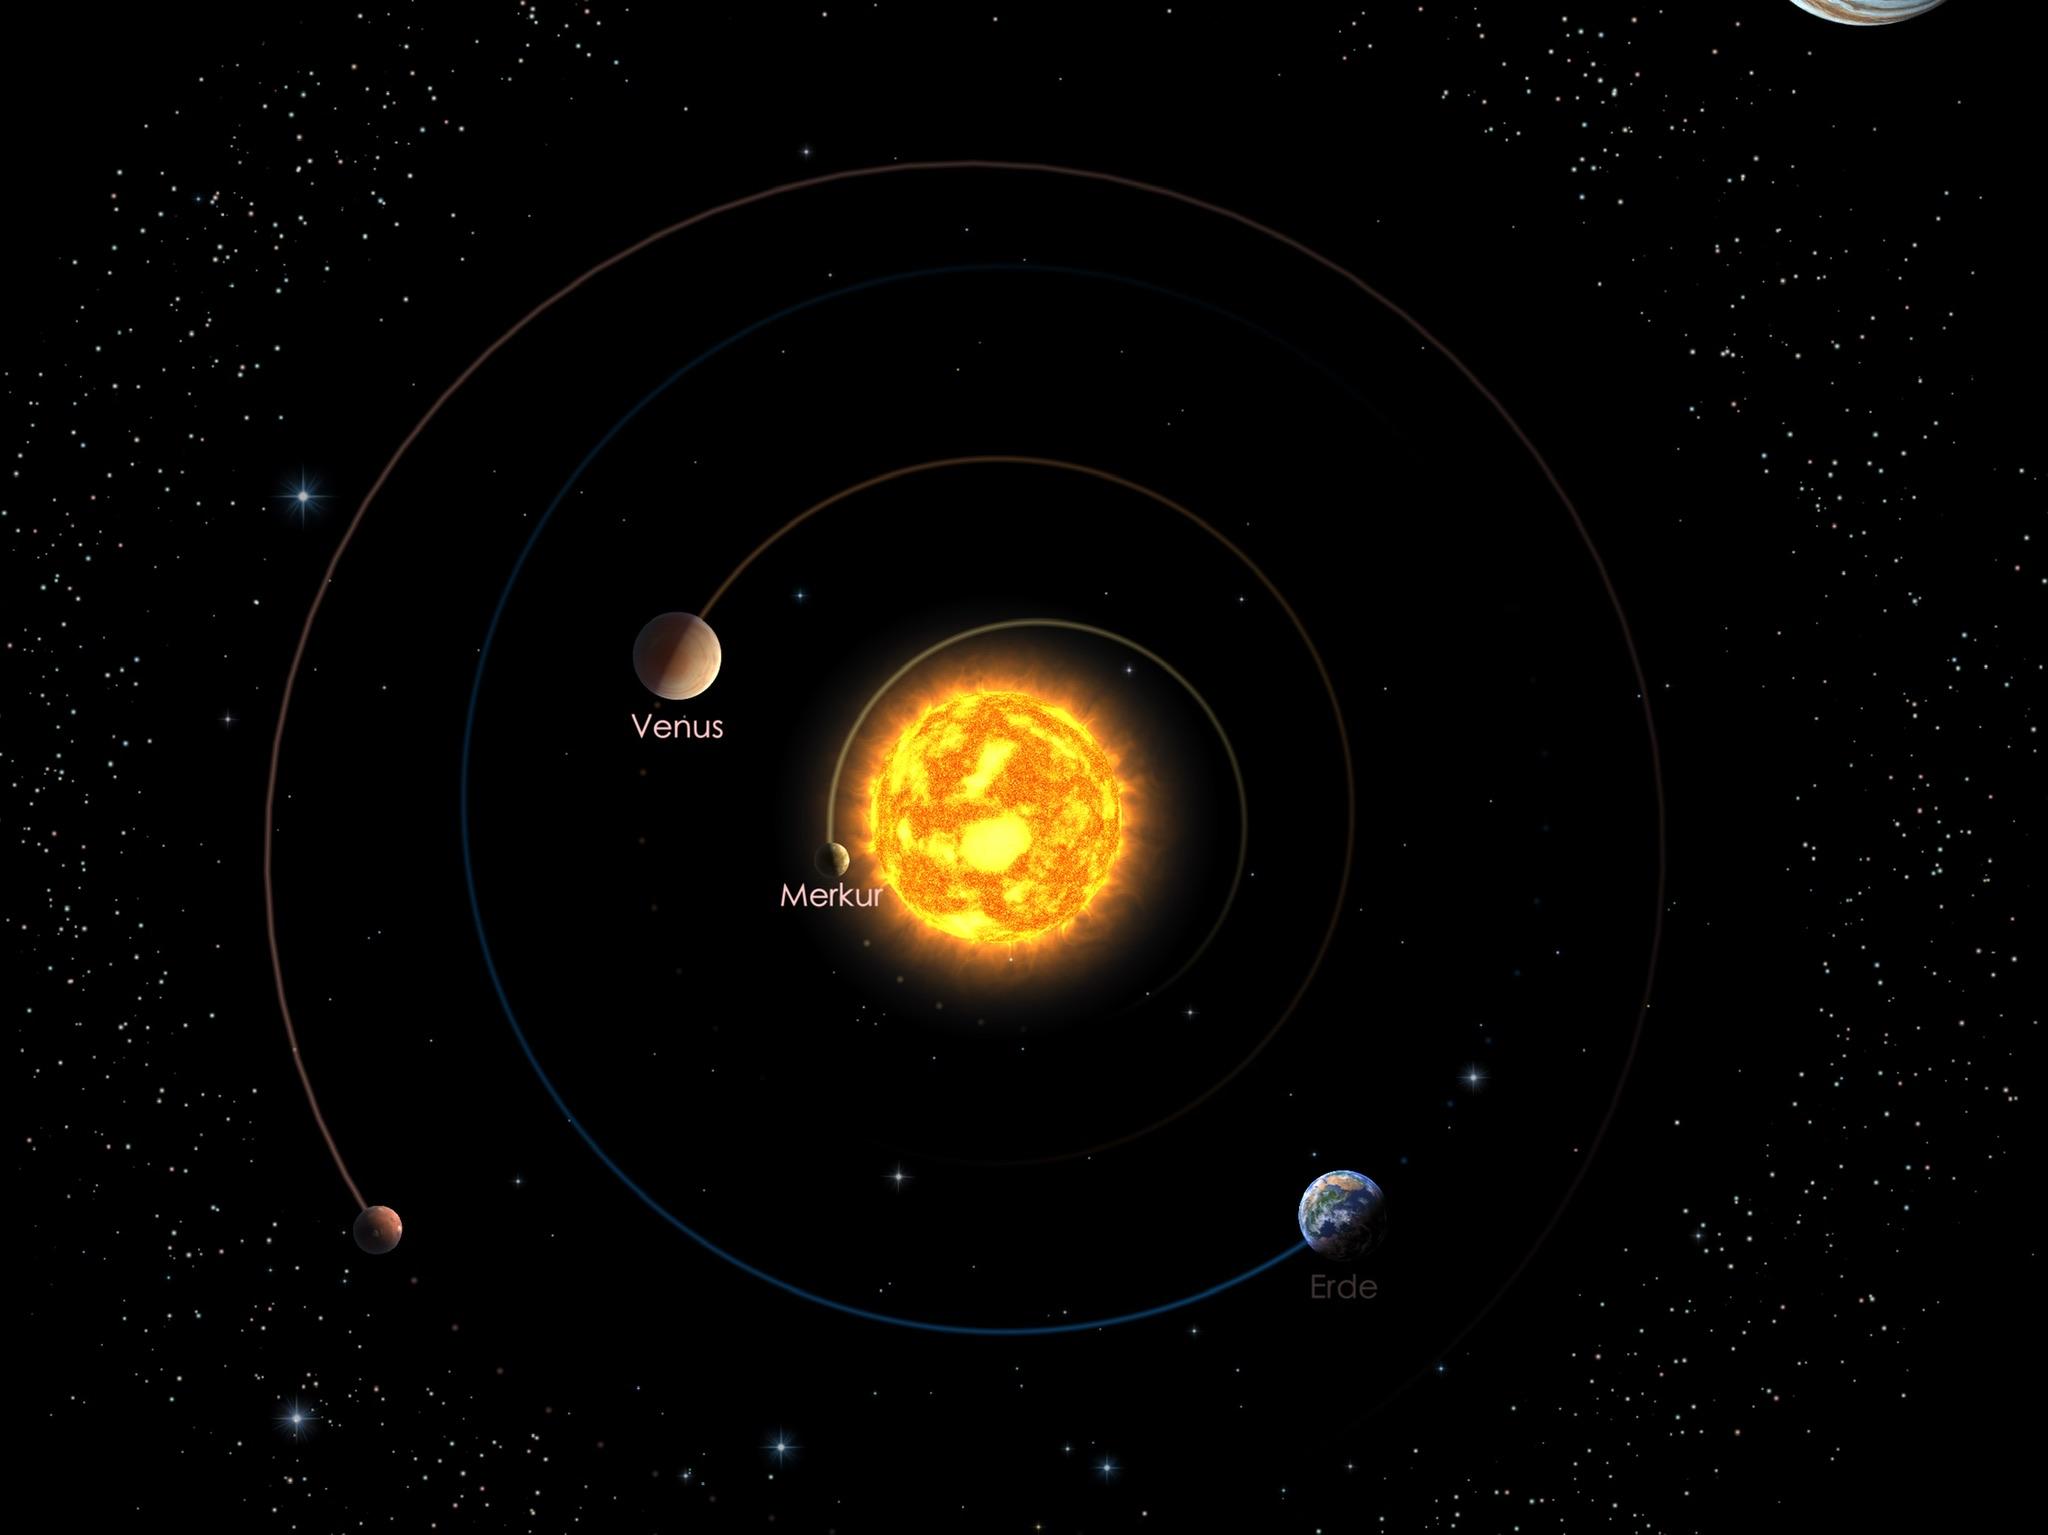 Die Positionen der inneren Planeten am 01.05.21